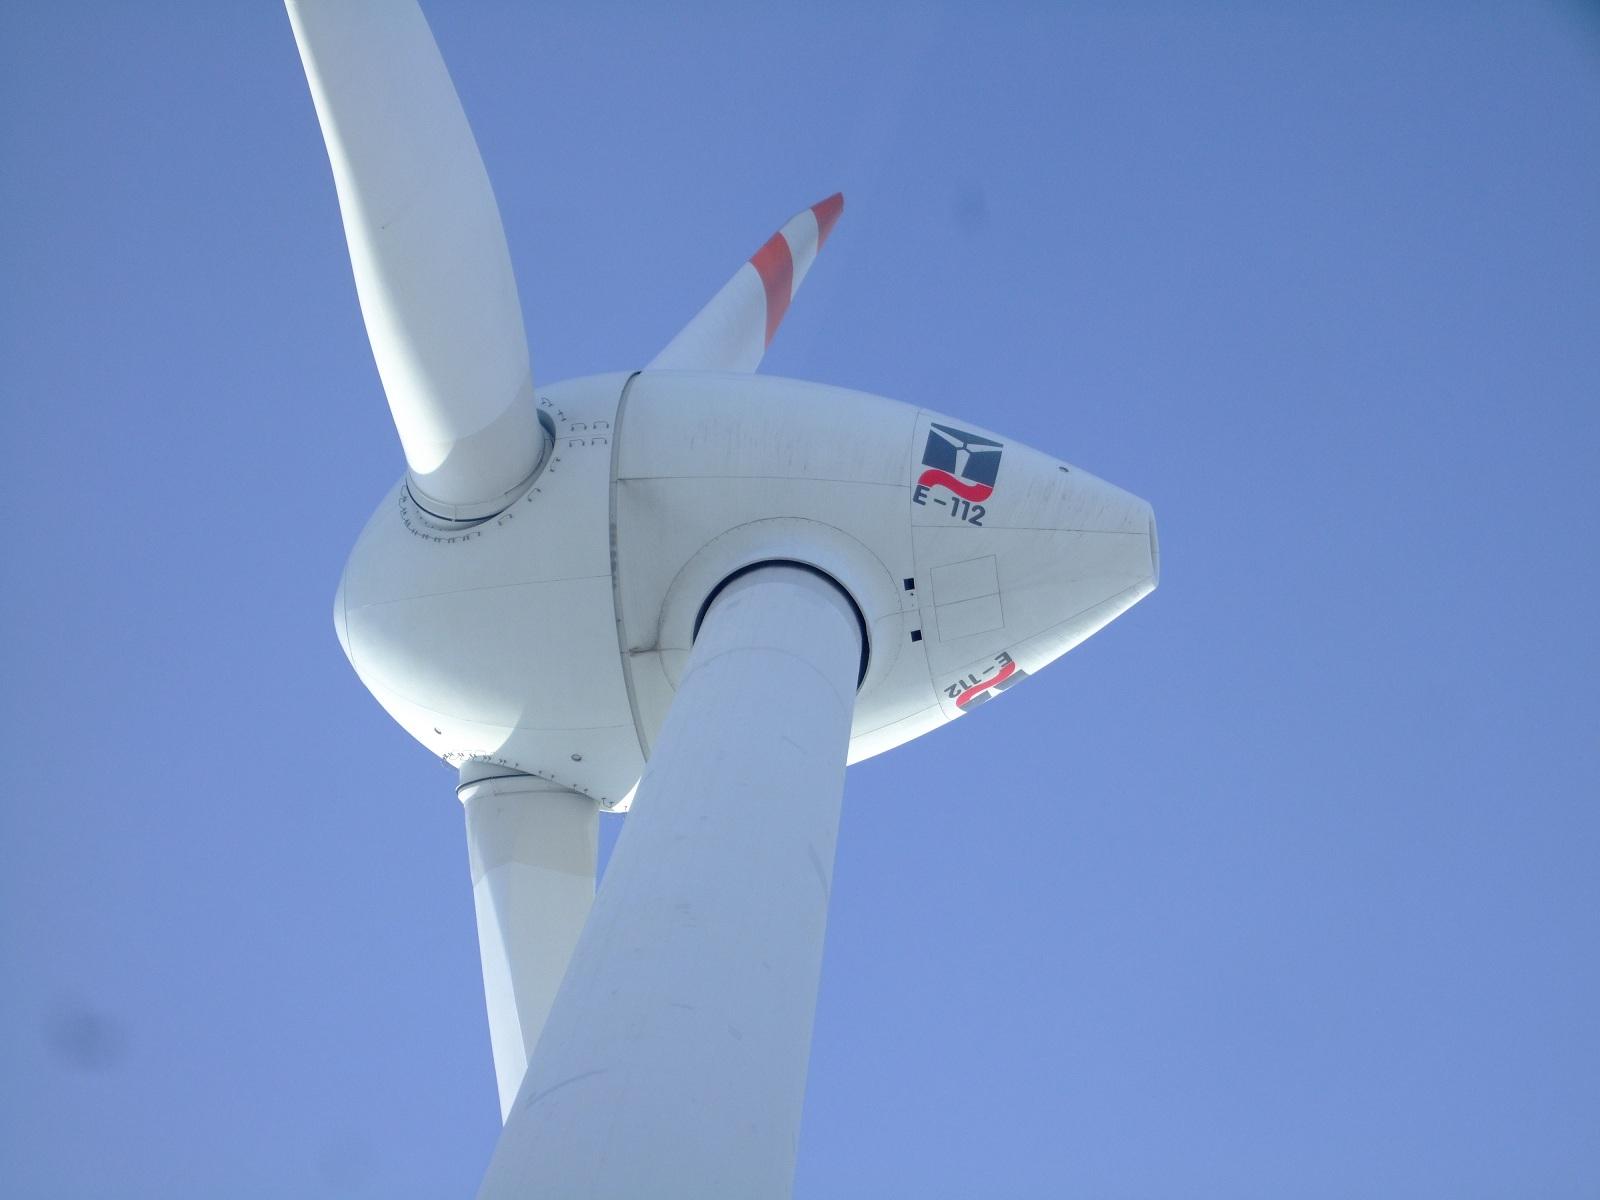 Eólica en Canarias: parque eólico de Inalsa con aerogeneradores de Enercon